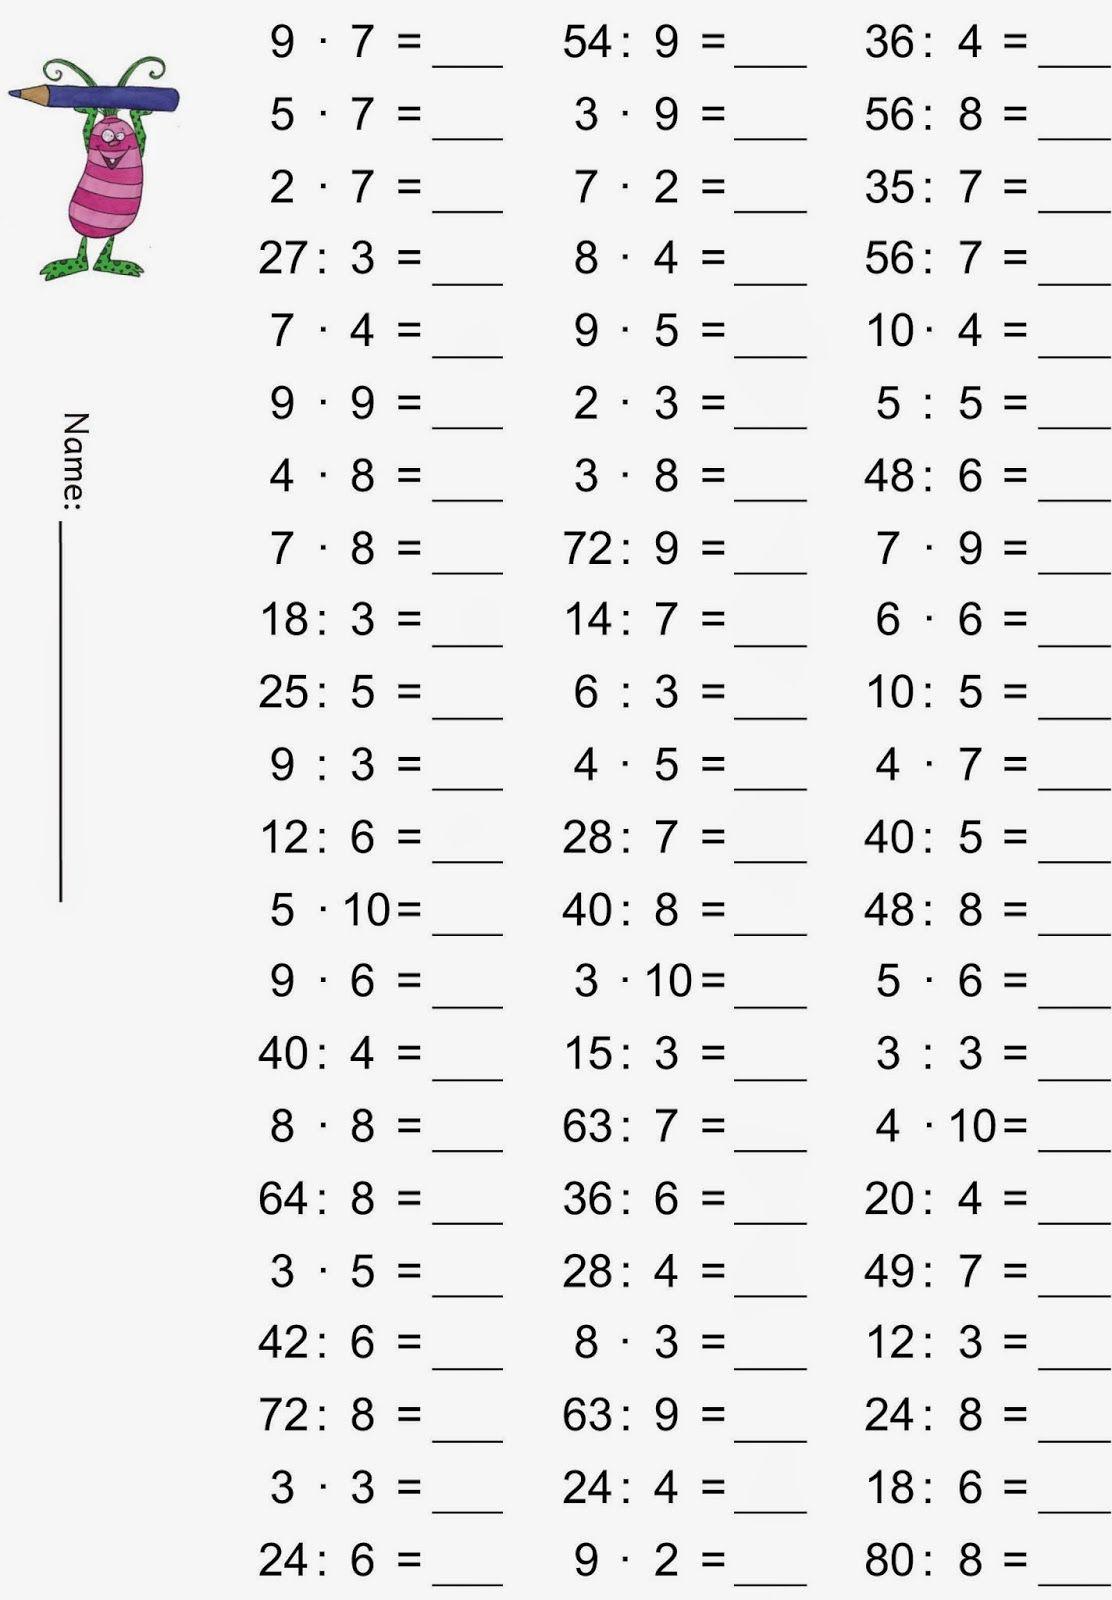 Einmaleins - gemischte Übungsaufgaben | Einmaleins, Schule und Mathe